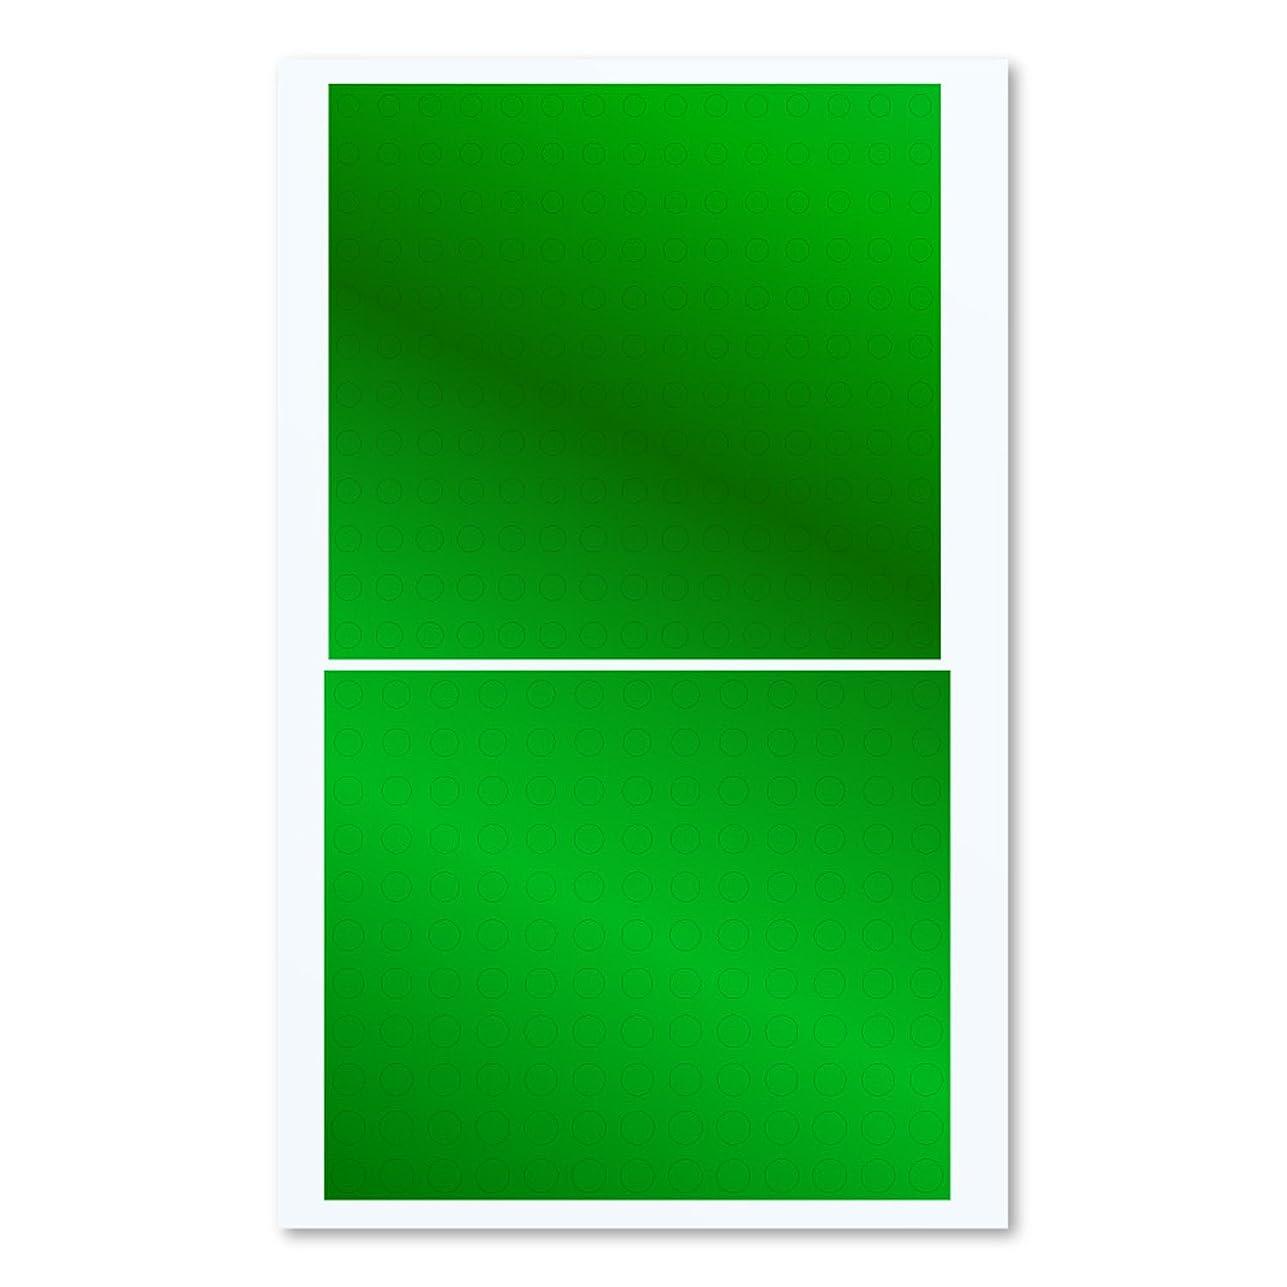 上院議員アシスト本を読むハイキューパーツ 円形メタリックシールM 3.0-4.6mm グリーン 1枚入 プラモデル用シール CMS-M-GRN